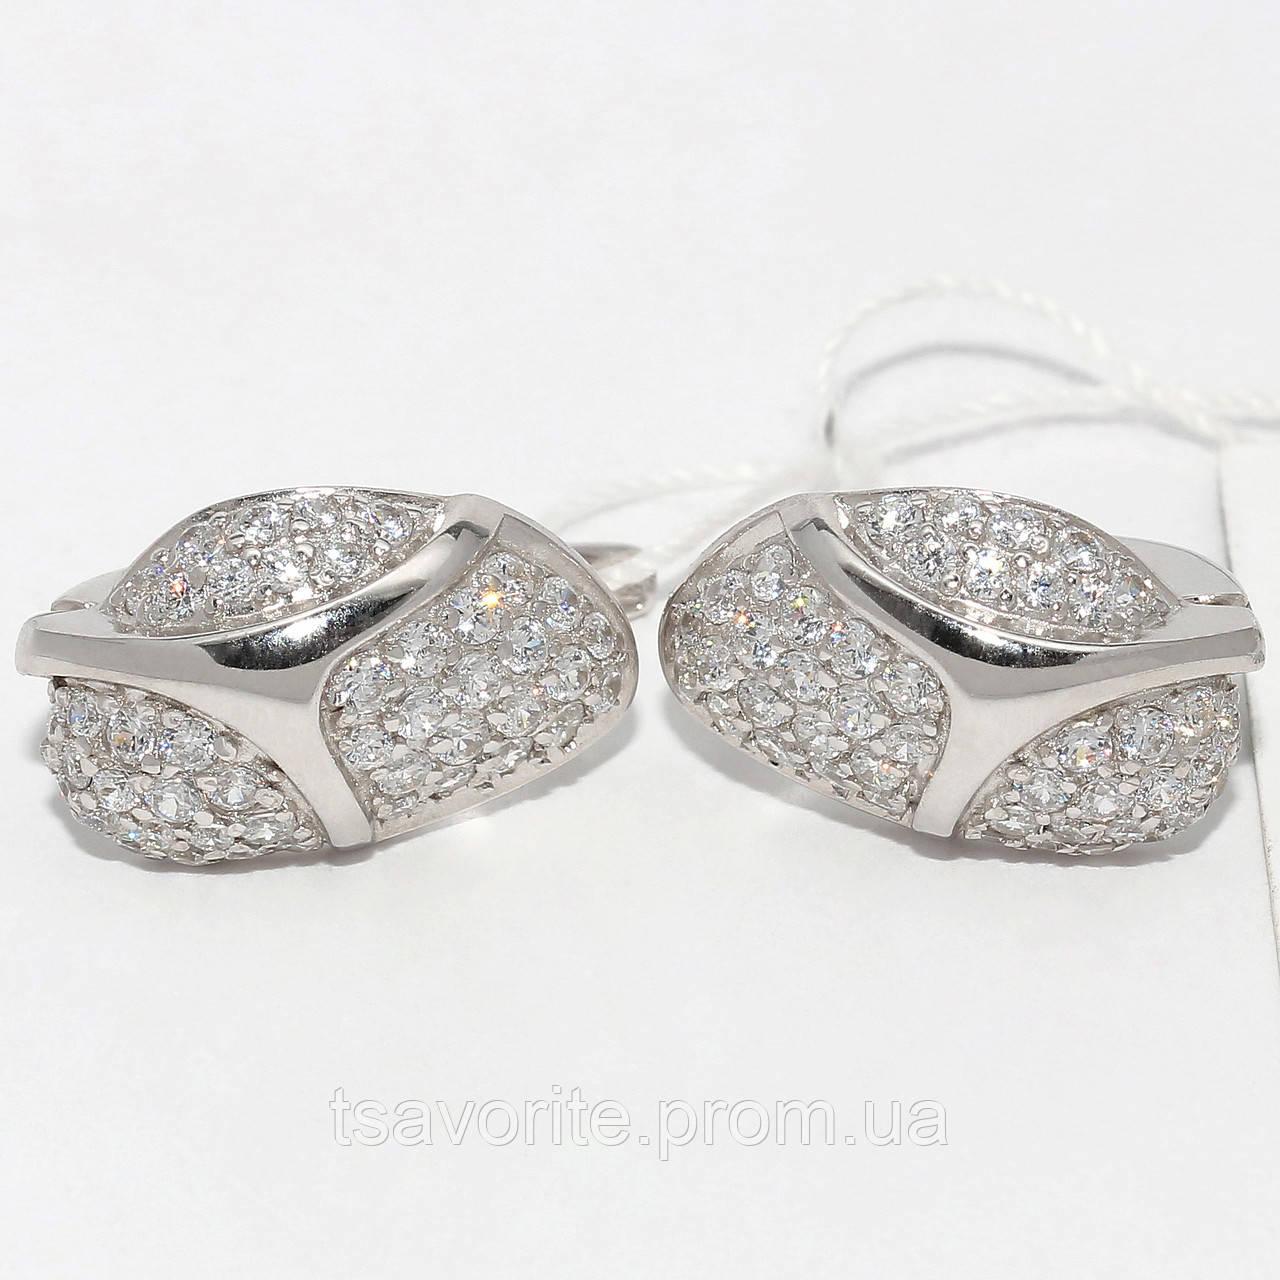 Серебряные серьги СЖХ-7